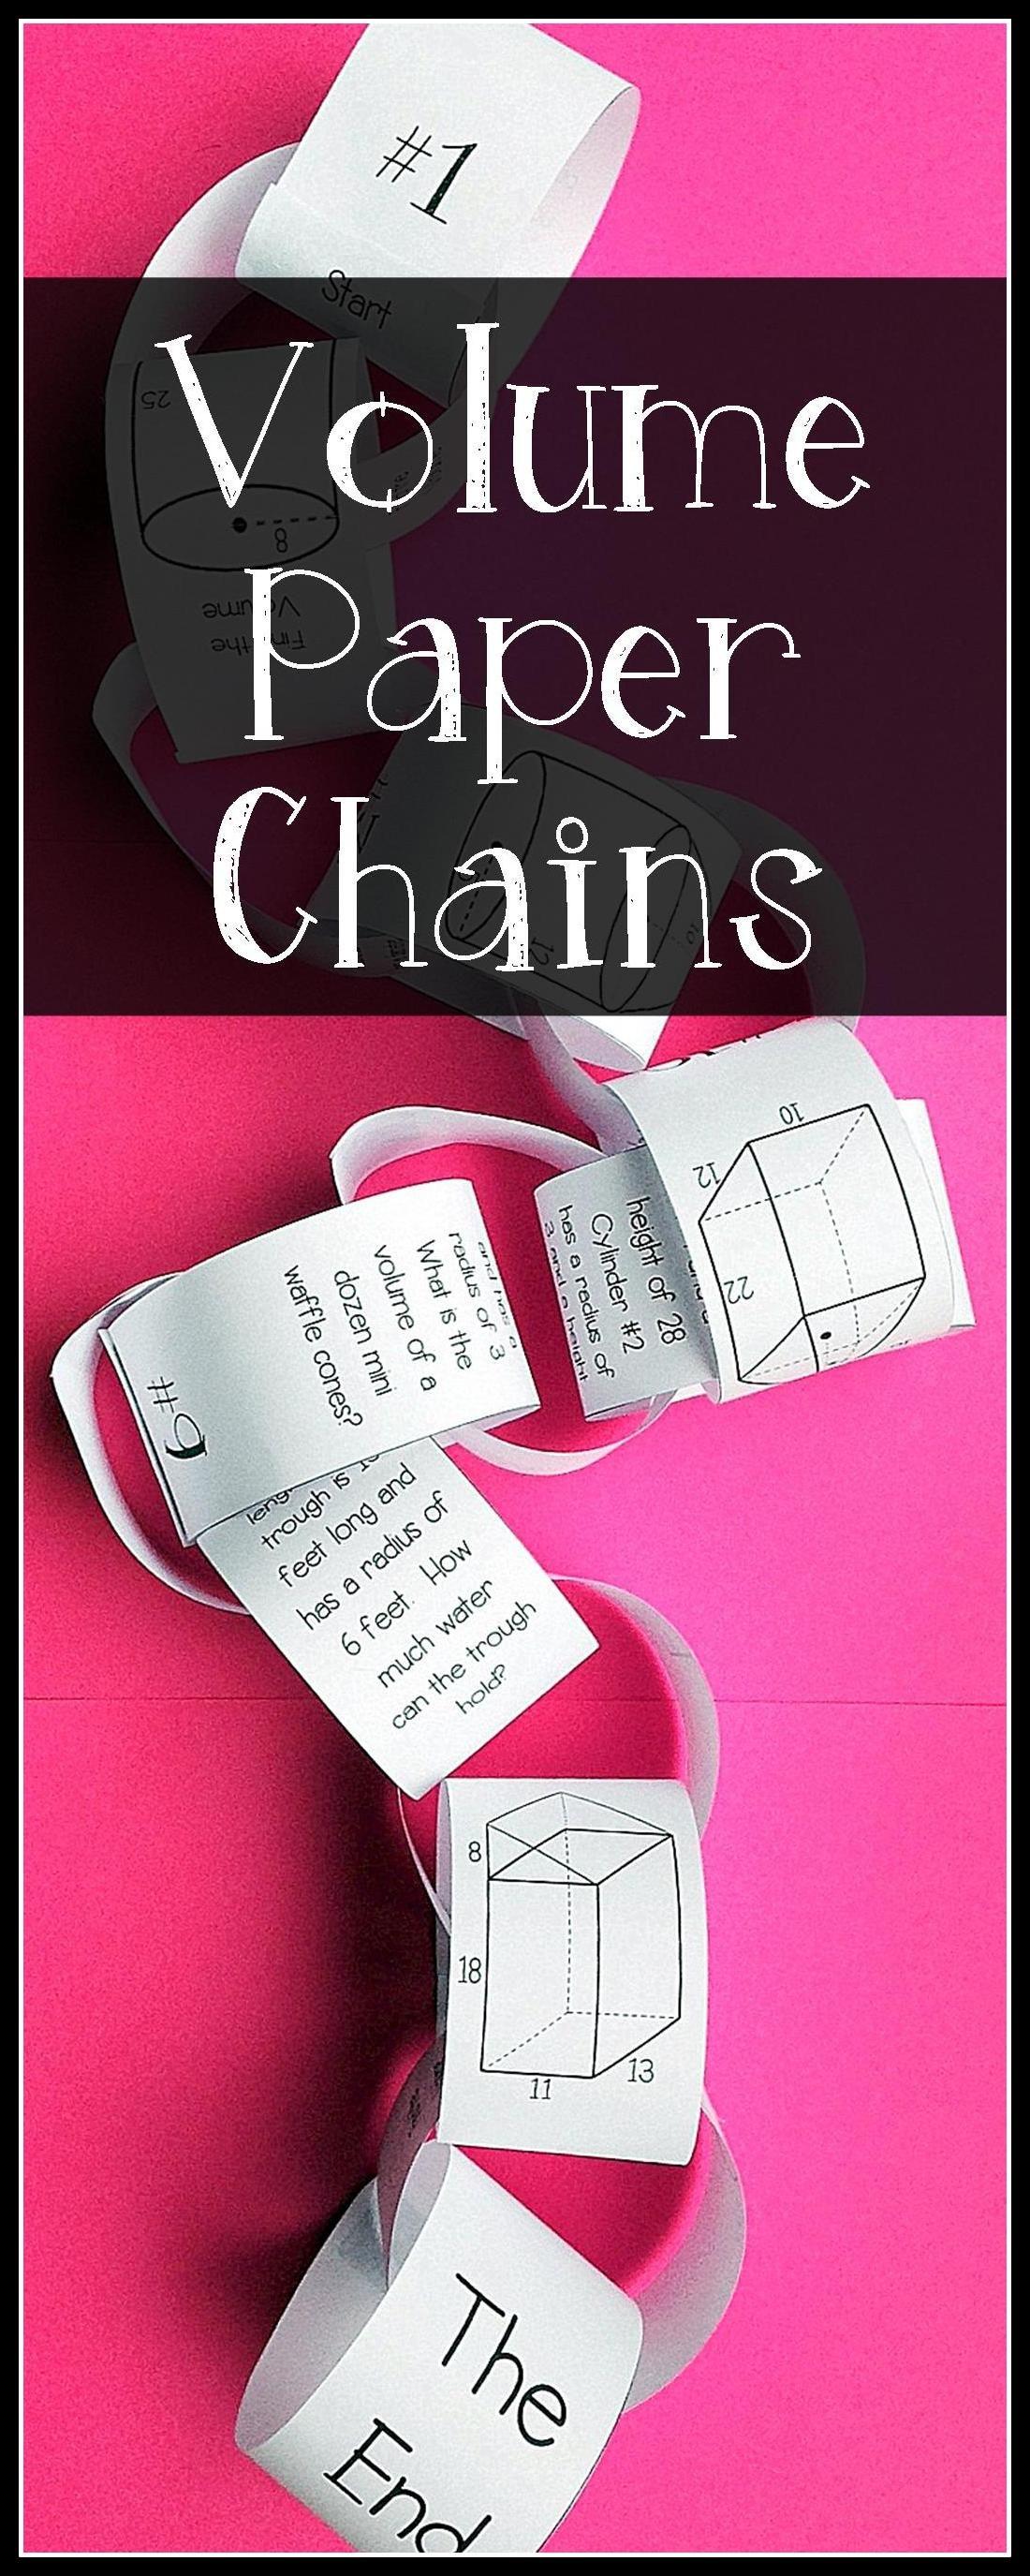 Volume Chains Activity